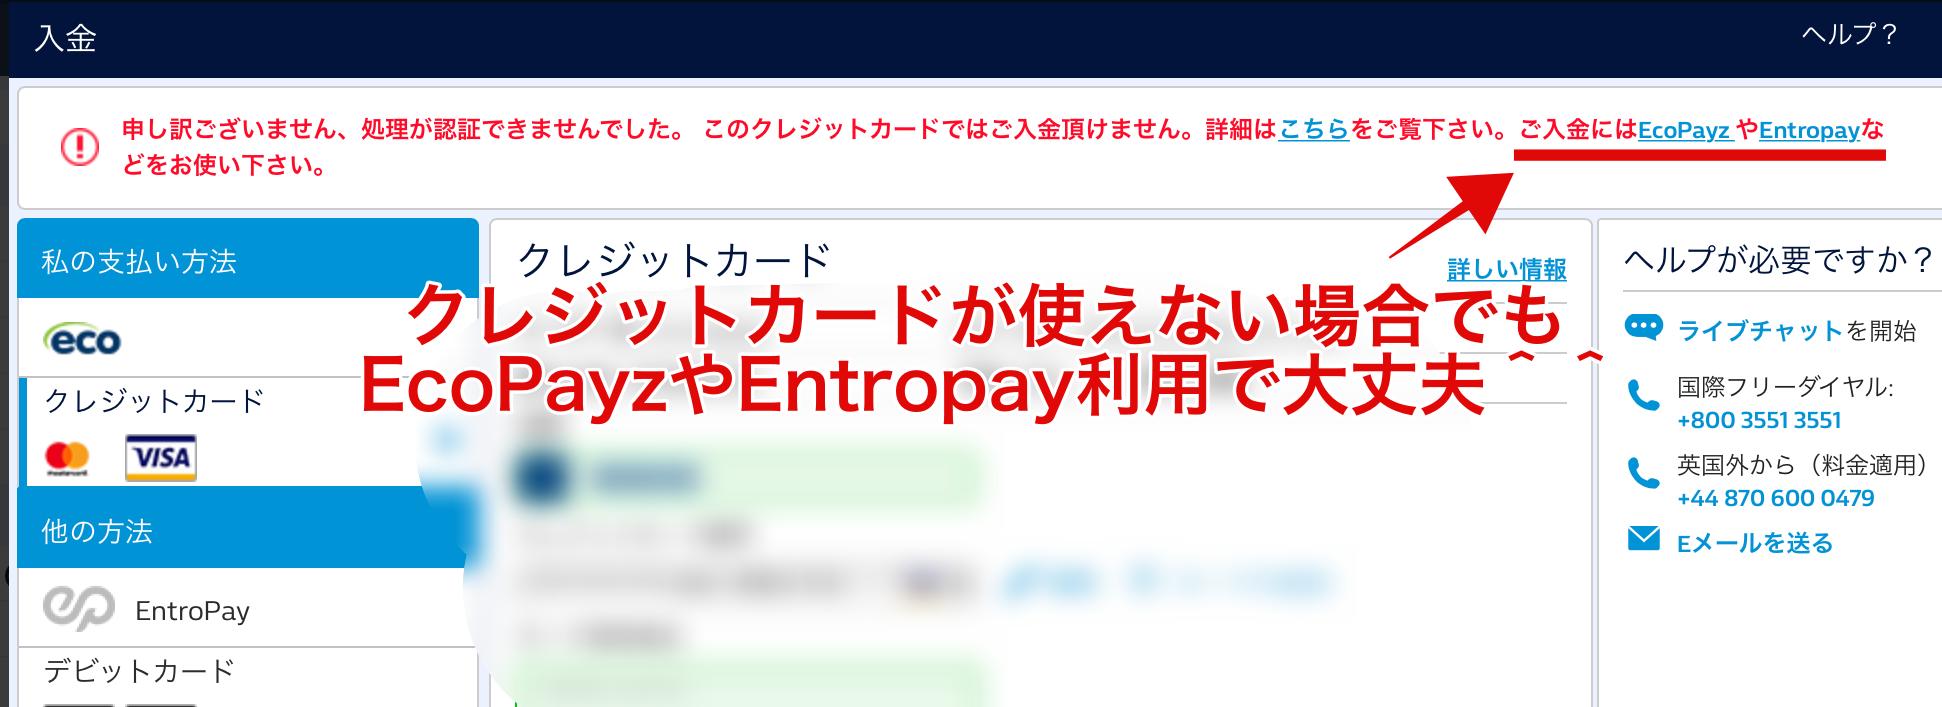 クレジットカードが使えない場合はエコペイズがエントロペイ!:ウィリアムヒル